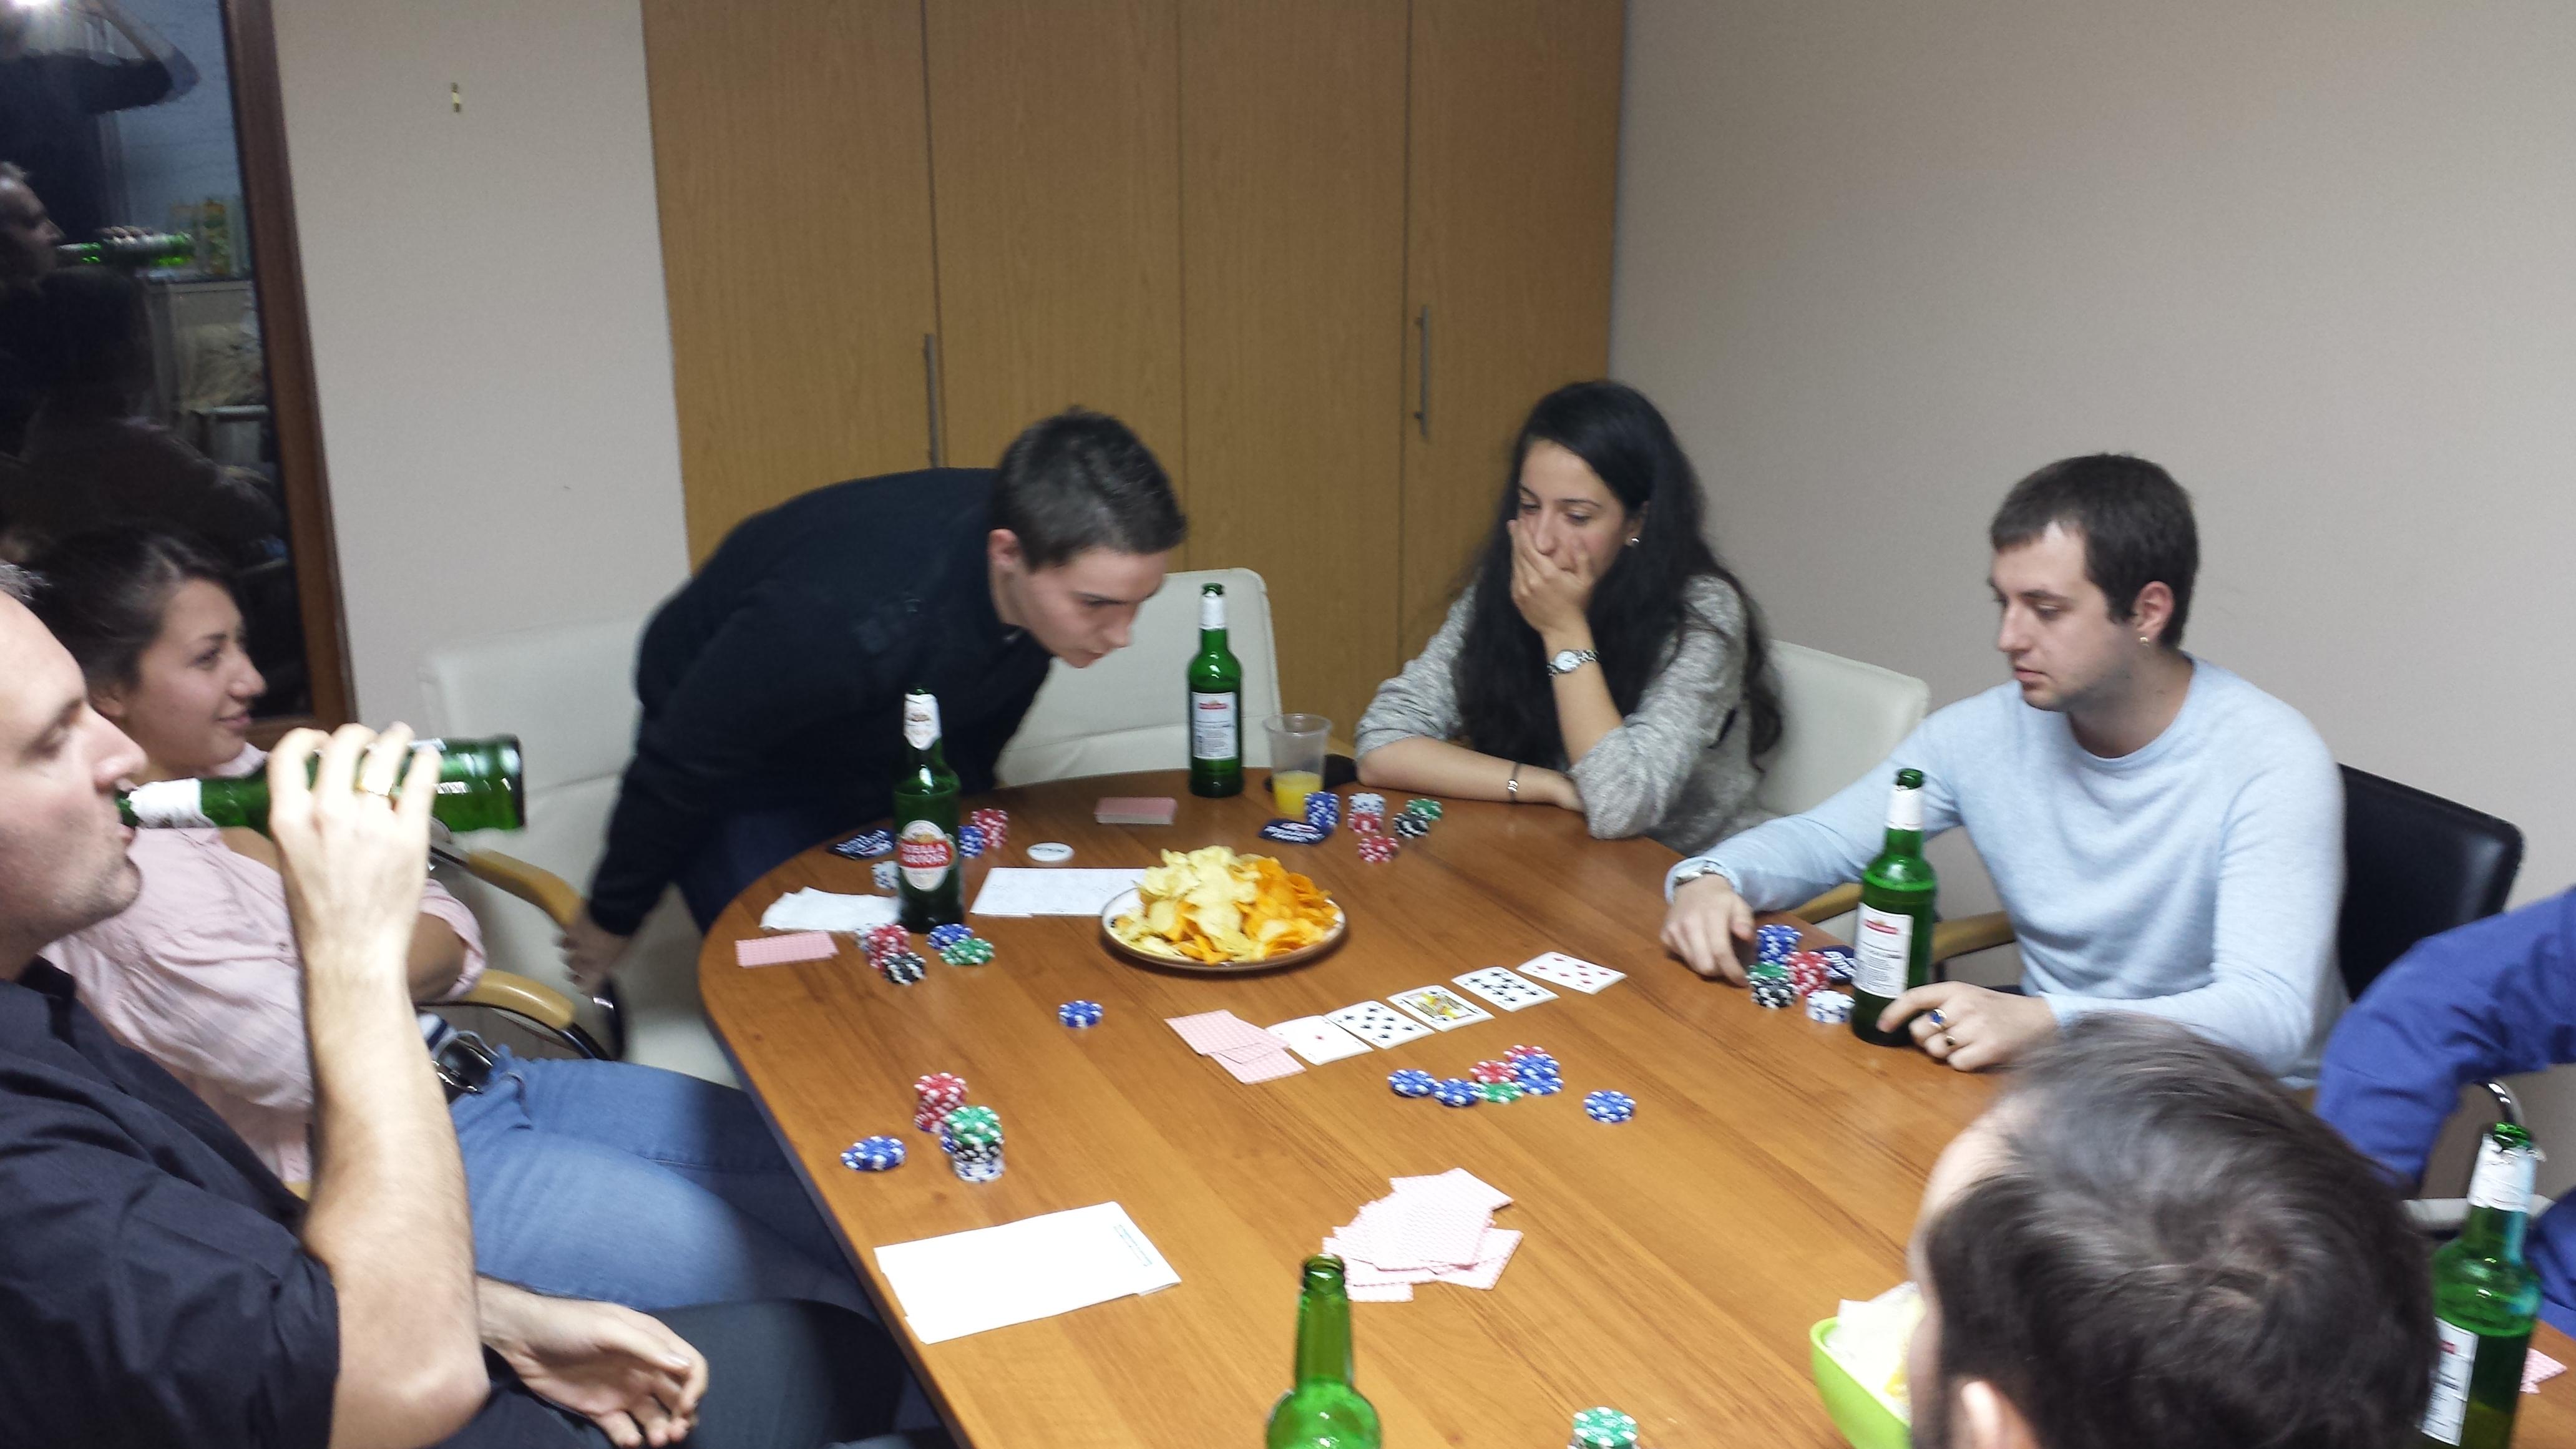 #PokerFaceEnCarton